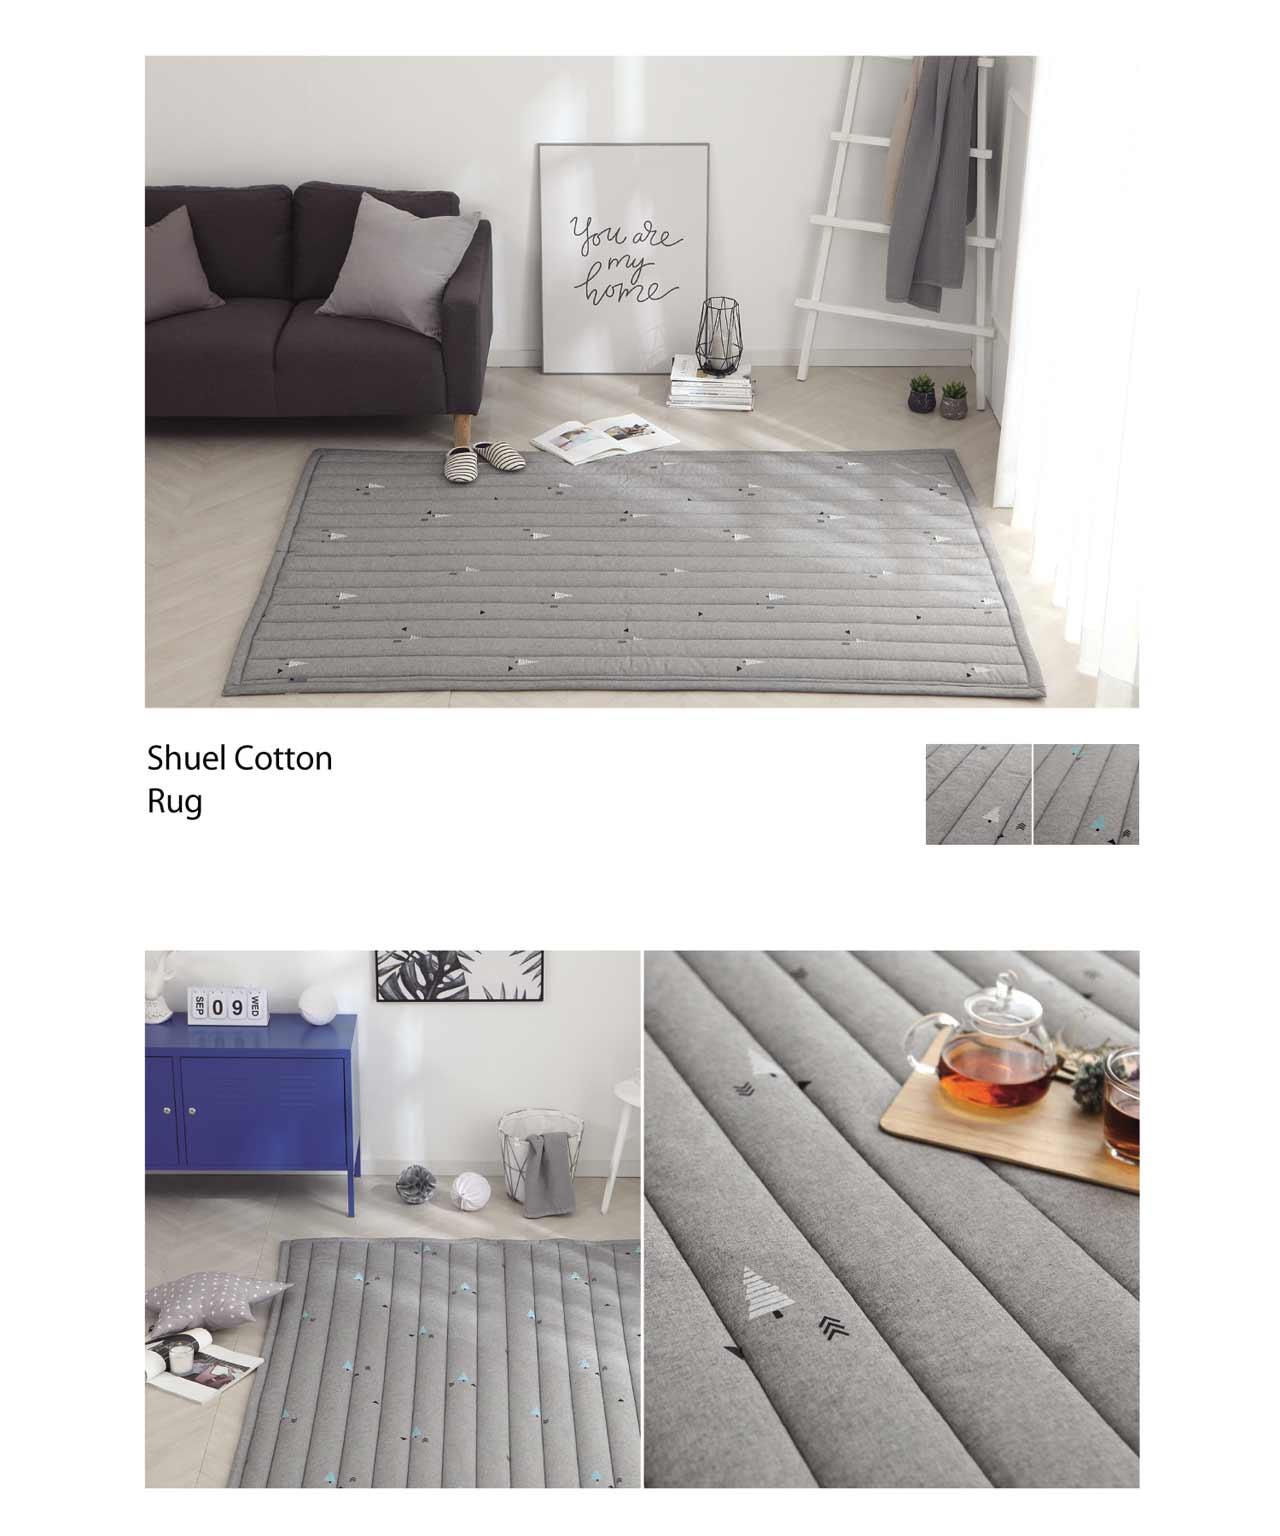 Tấm trải giường Shuel cotton